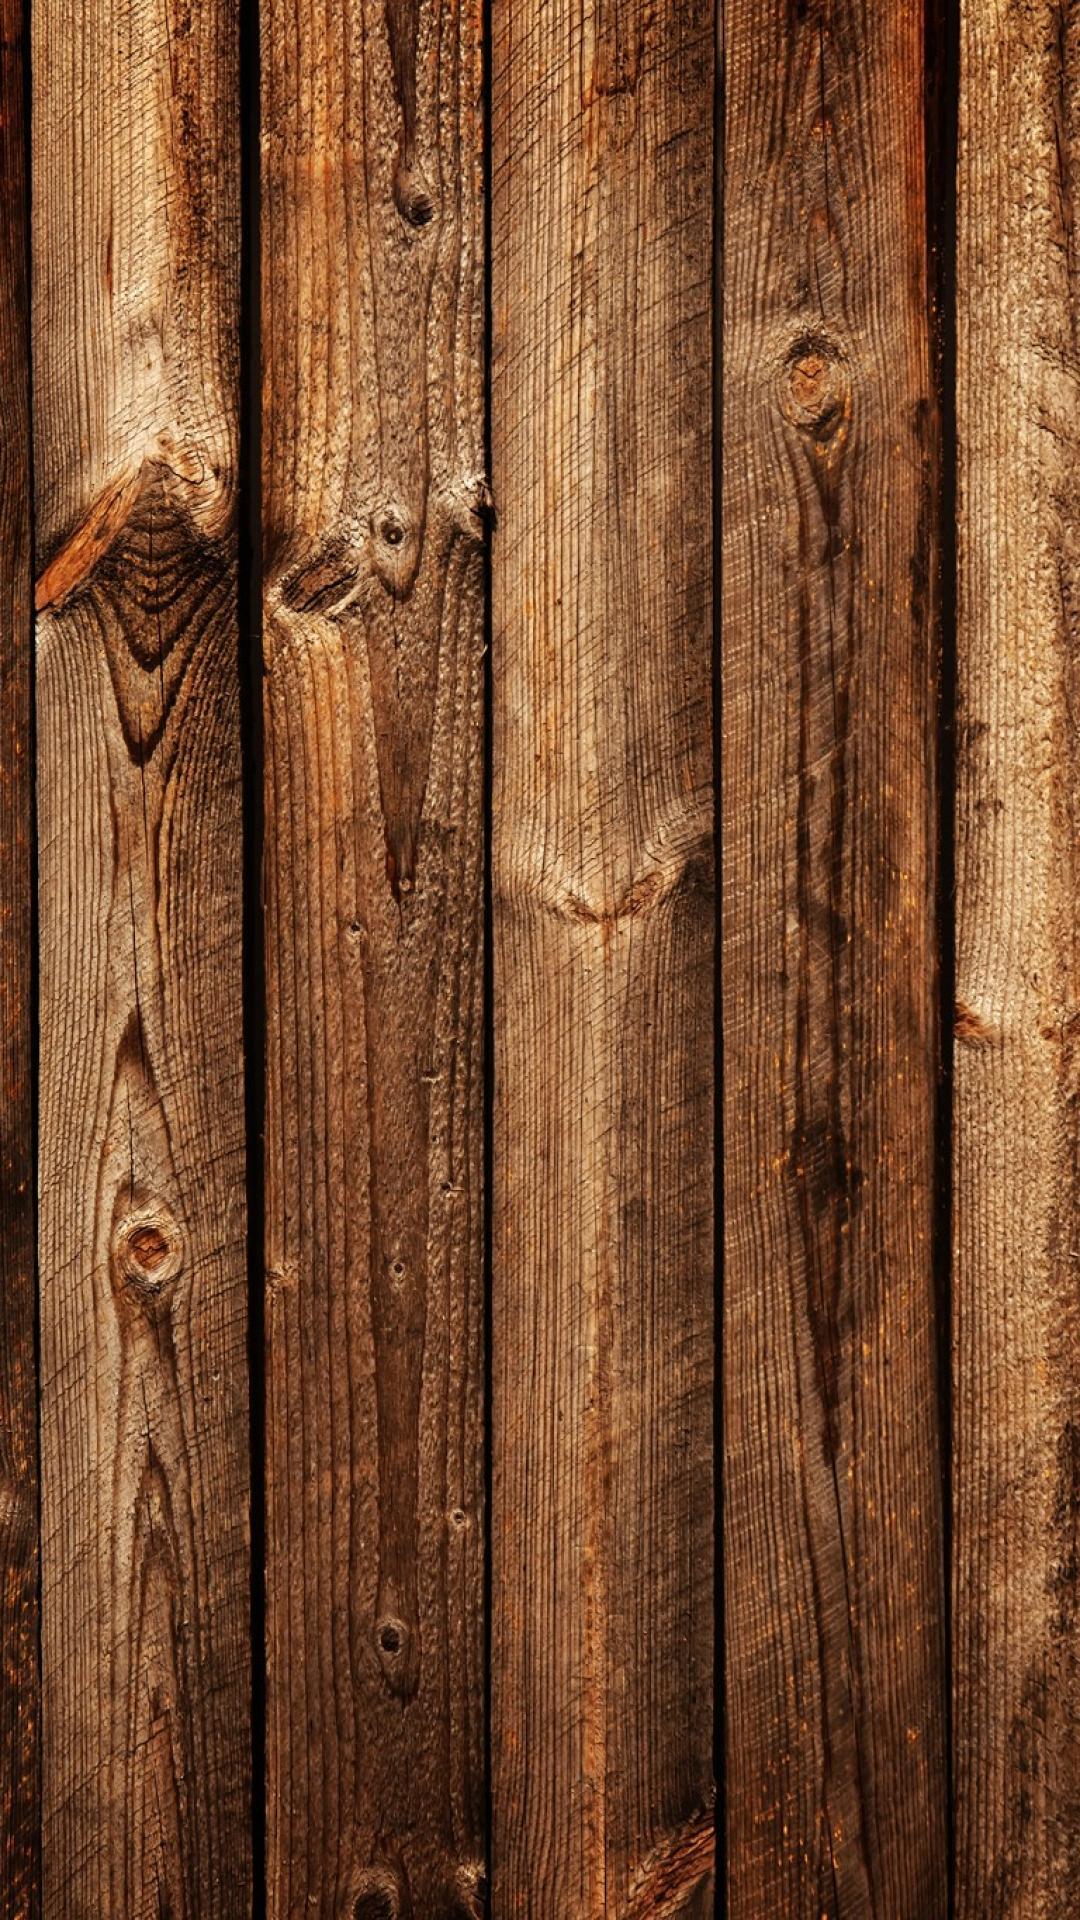 Iphone 6 plus wood wallpaper wallpapersafari - Wallpaper holz ...